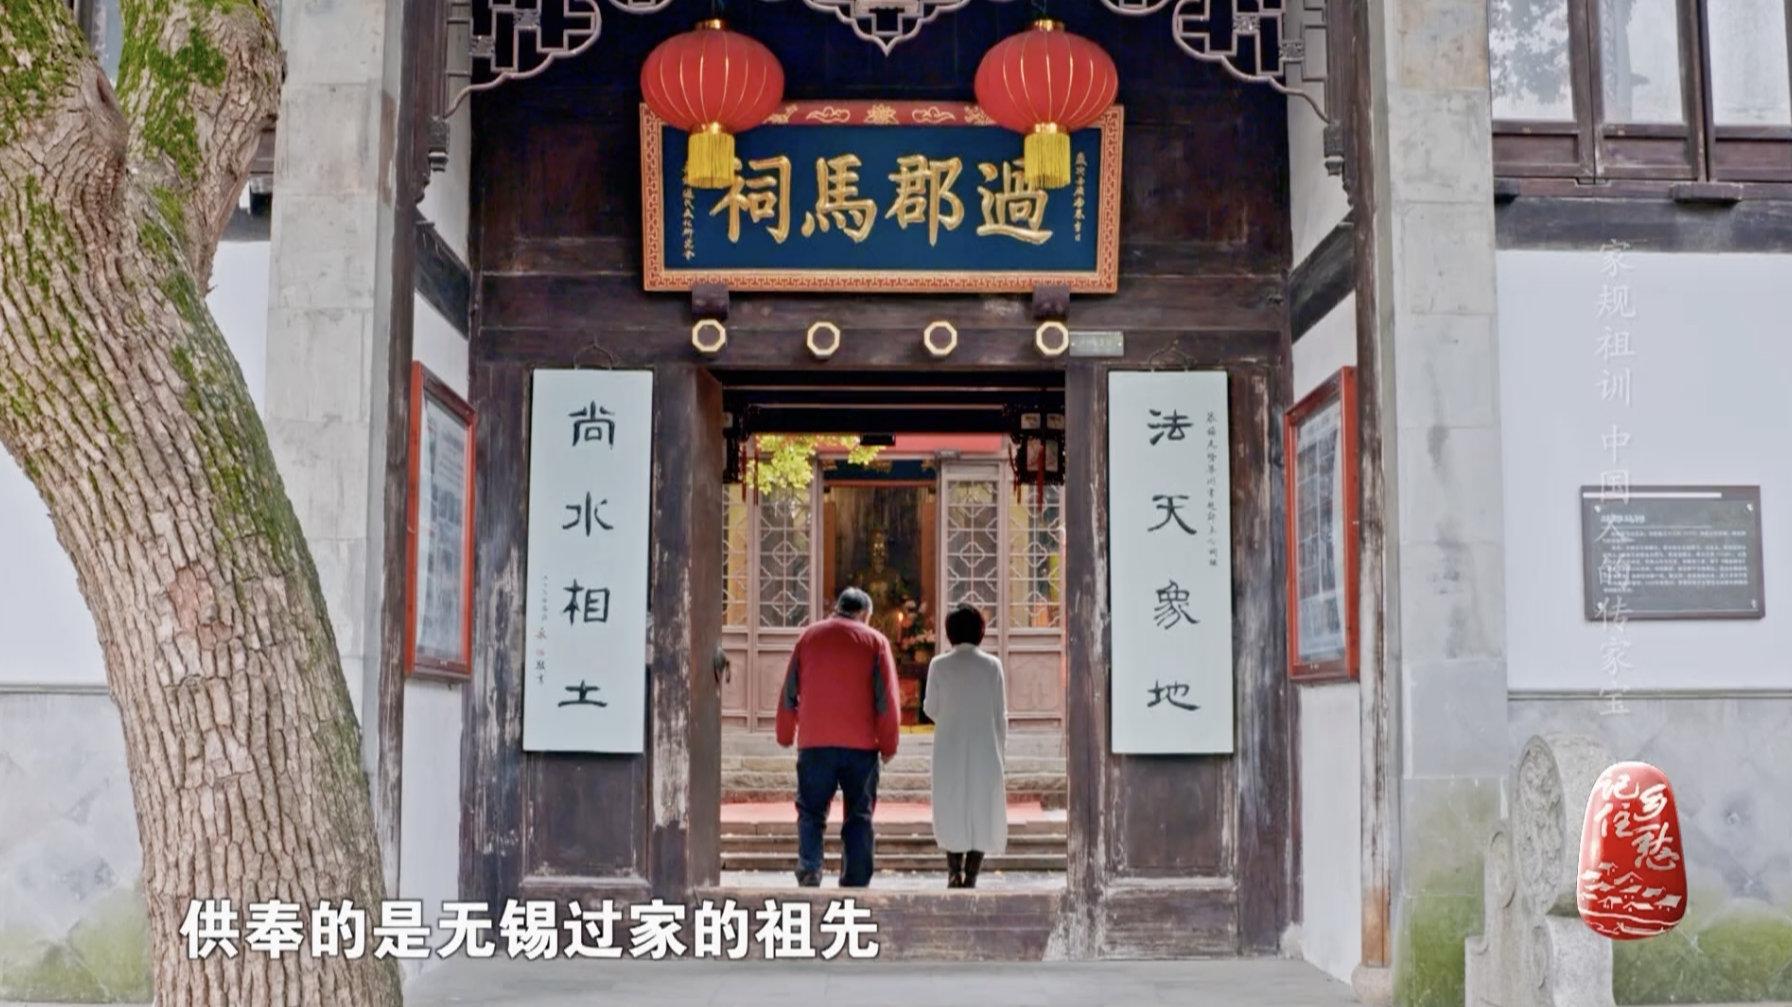 国有史,方有志,家有谱。对于重视传承的中国人来说